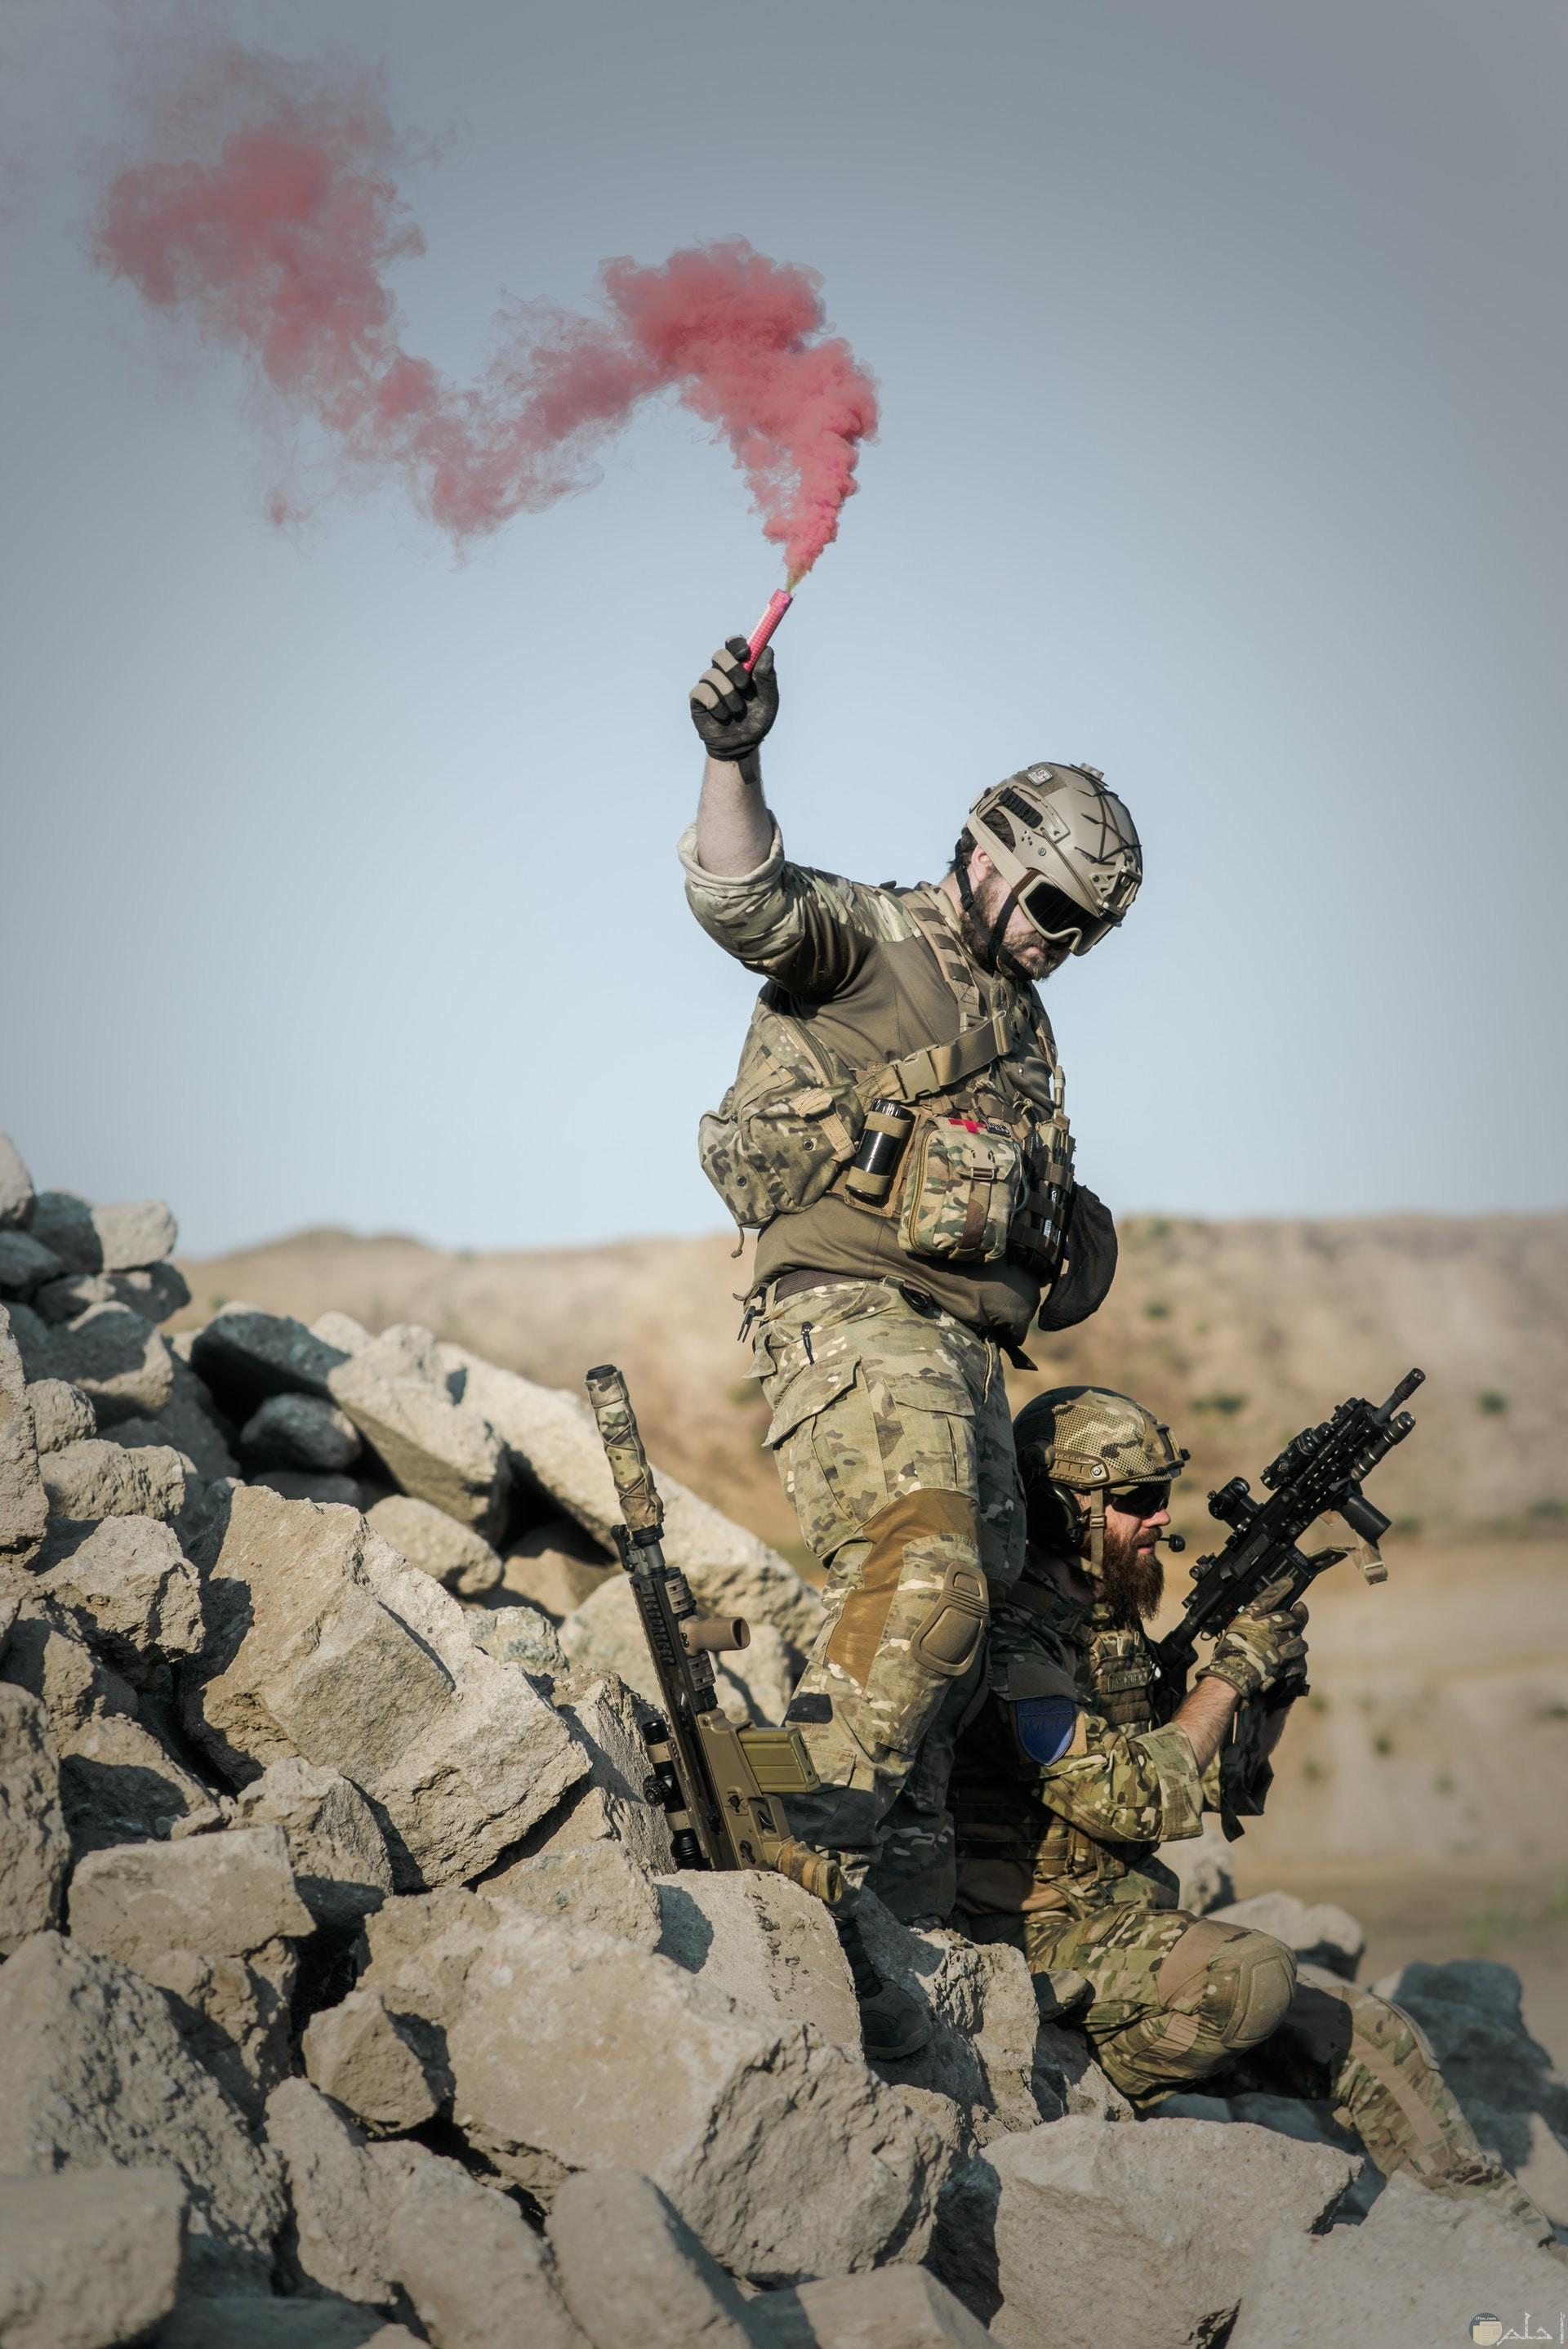 صورة أكشن مميزة لمجندين الأول جالس والثاني واقف وبجانبه سلاحه